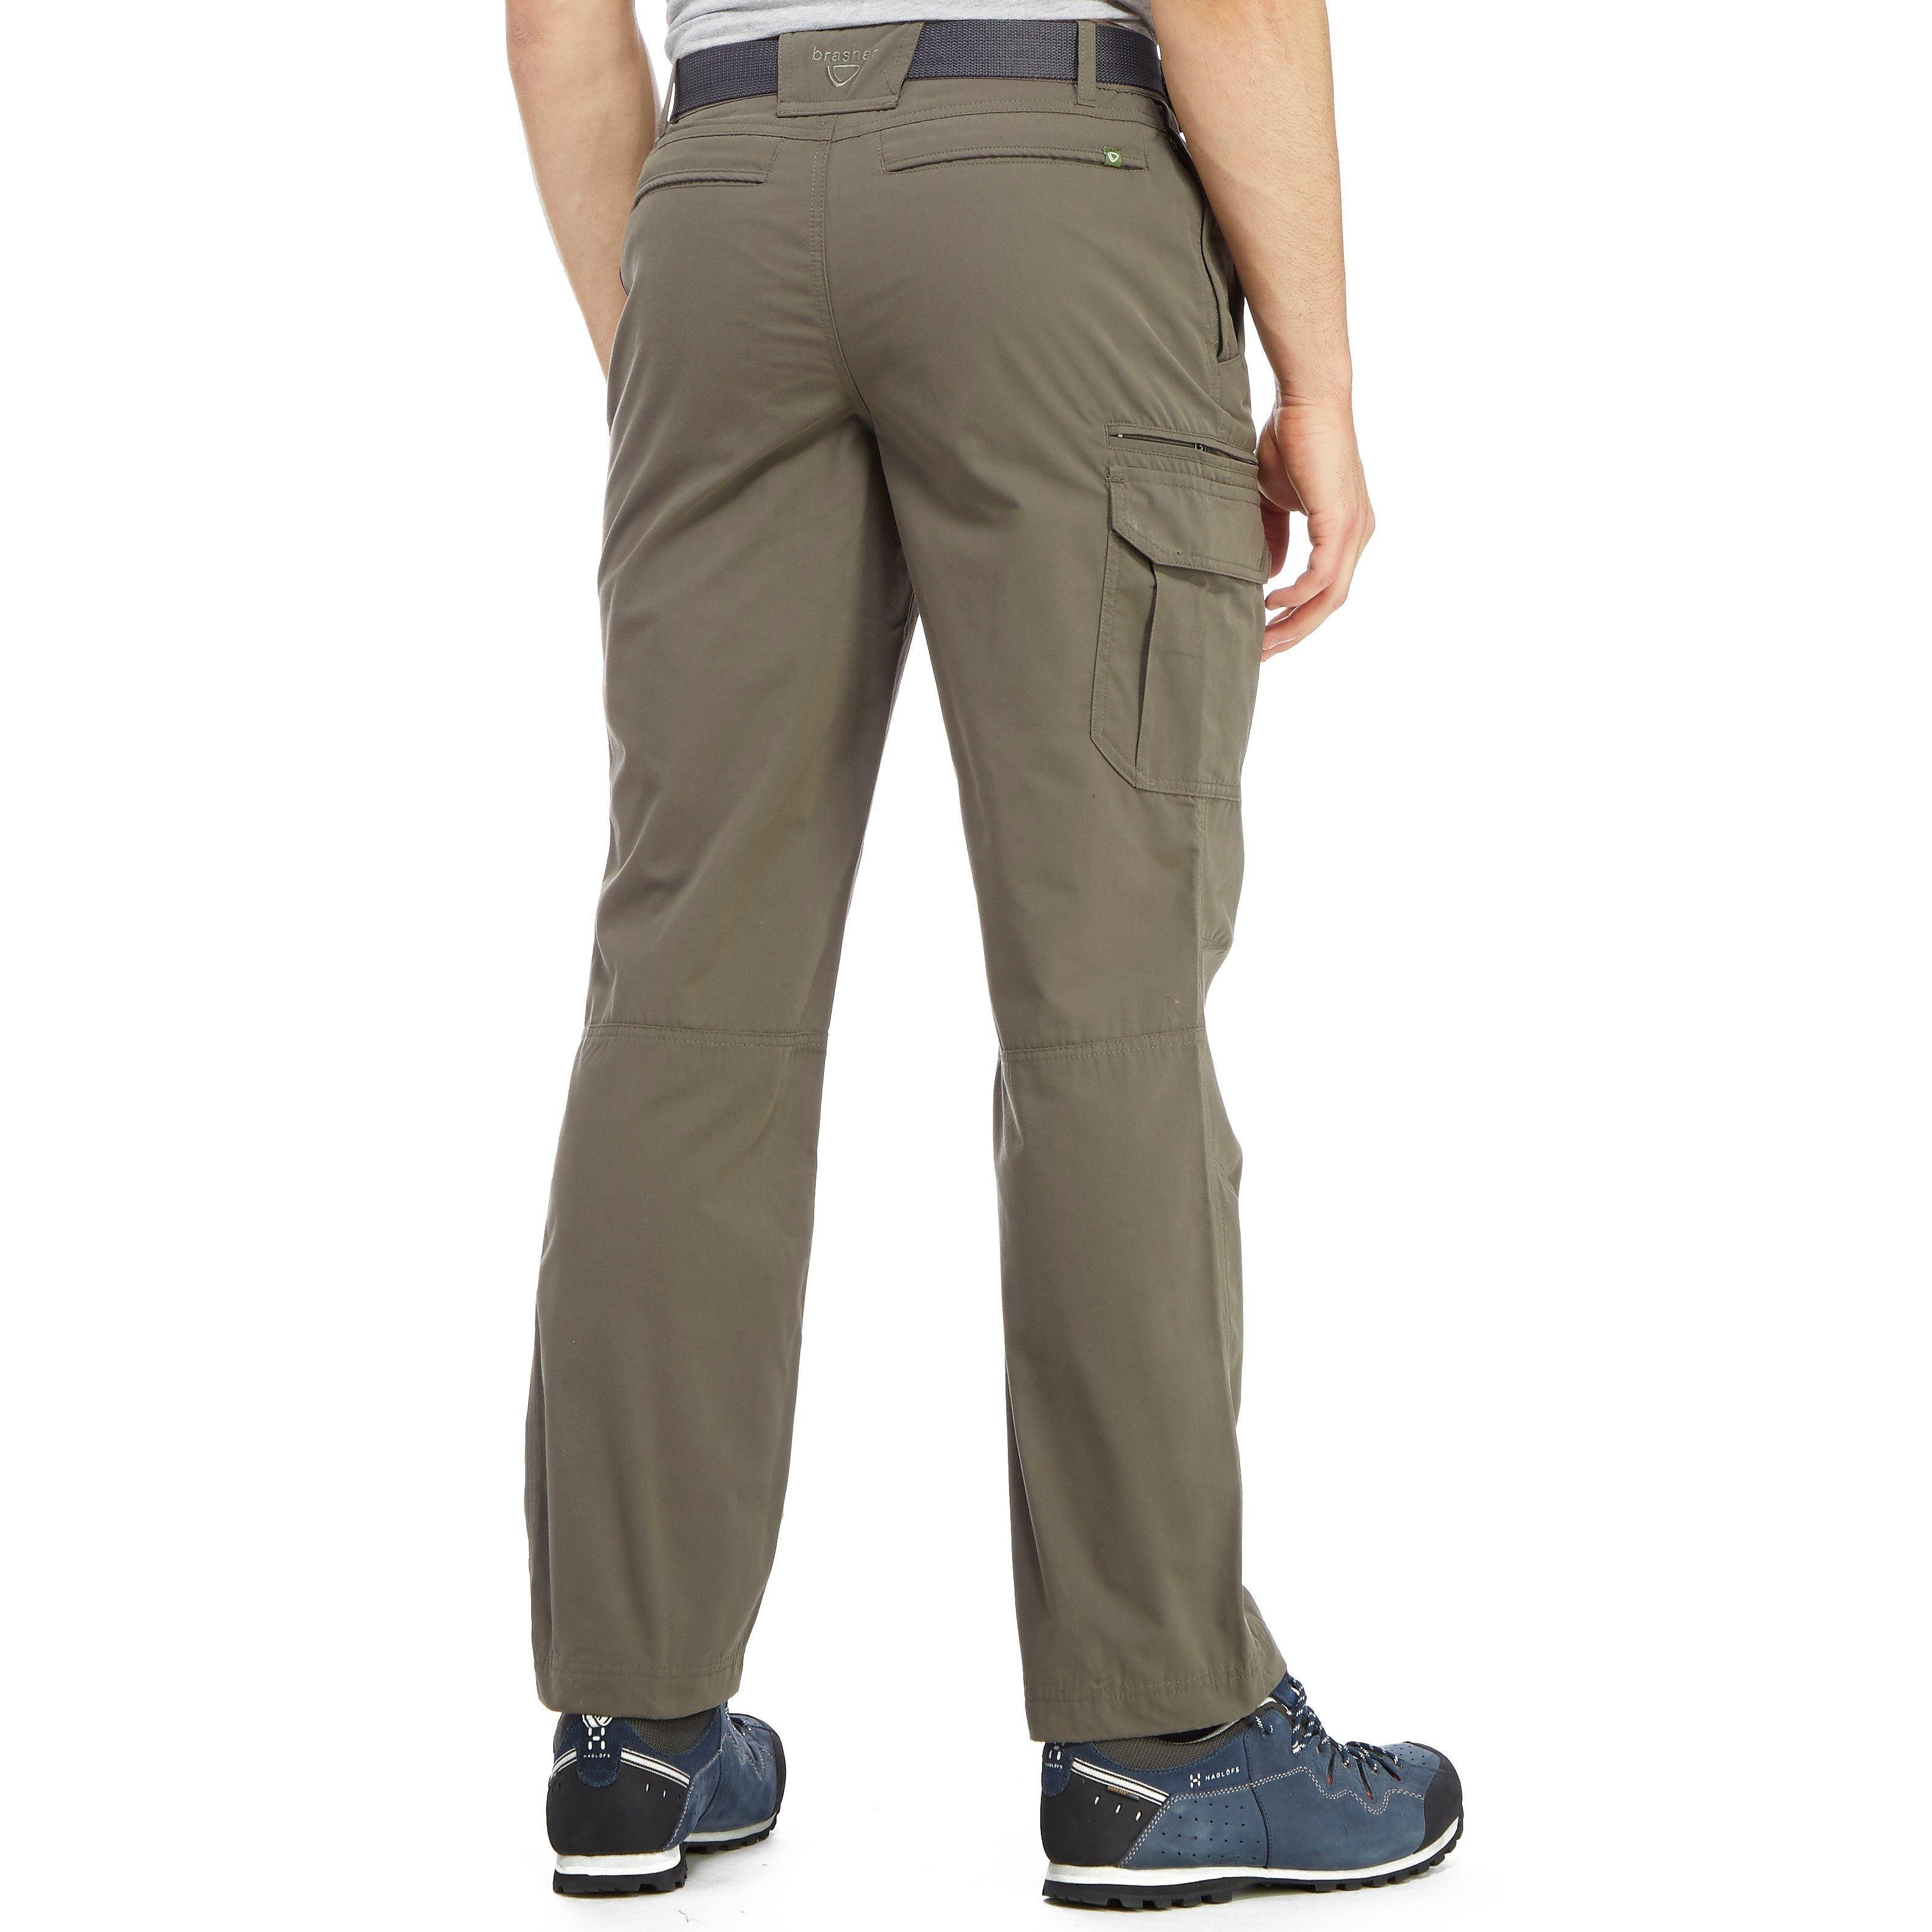 Brasher Men's Walking Trousers